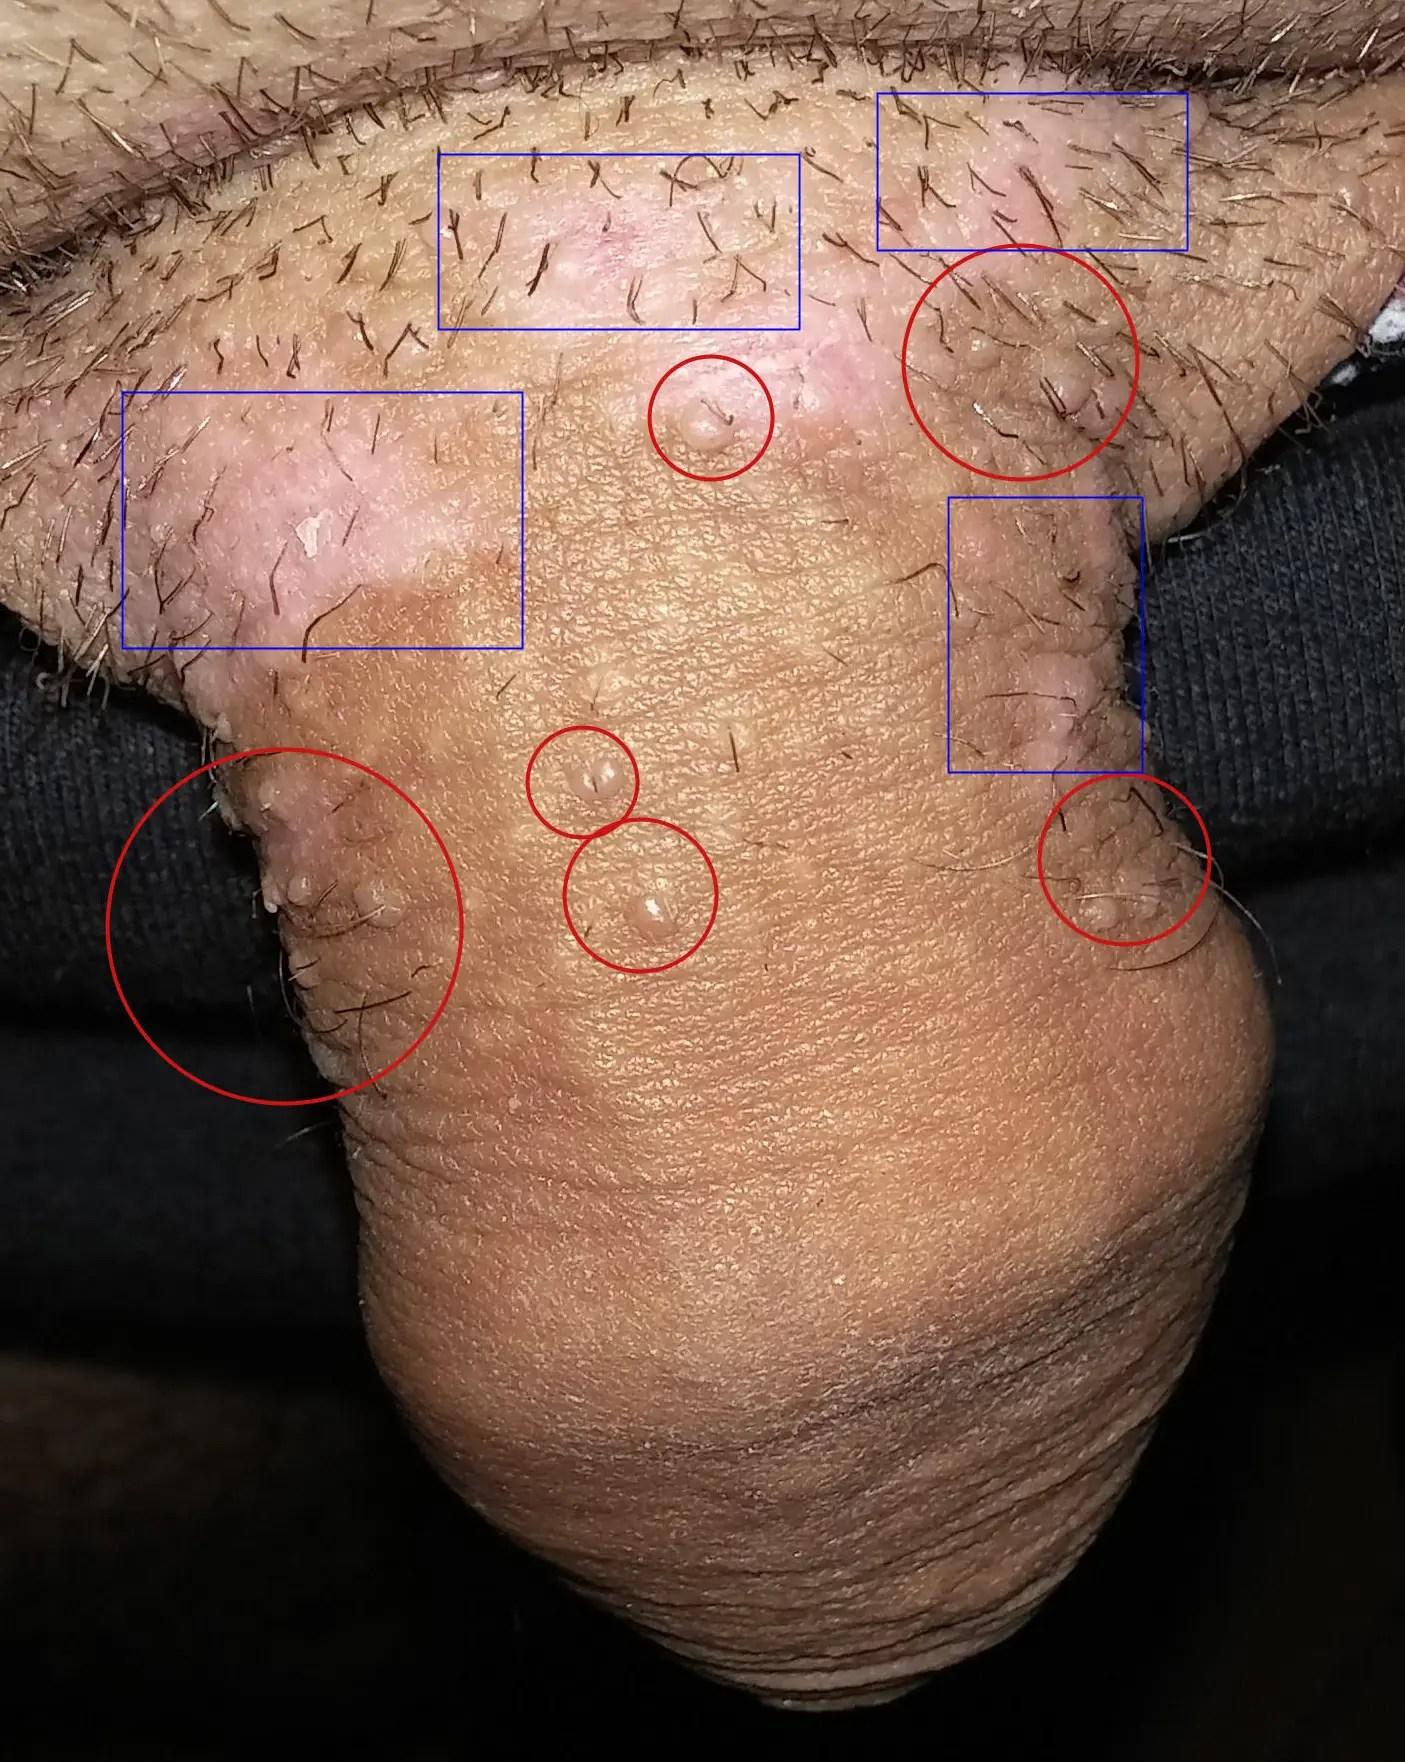 papillomavirus condylomes oxiurius vermicularis